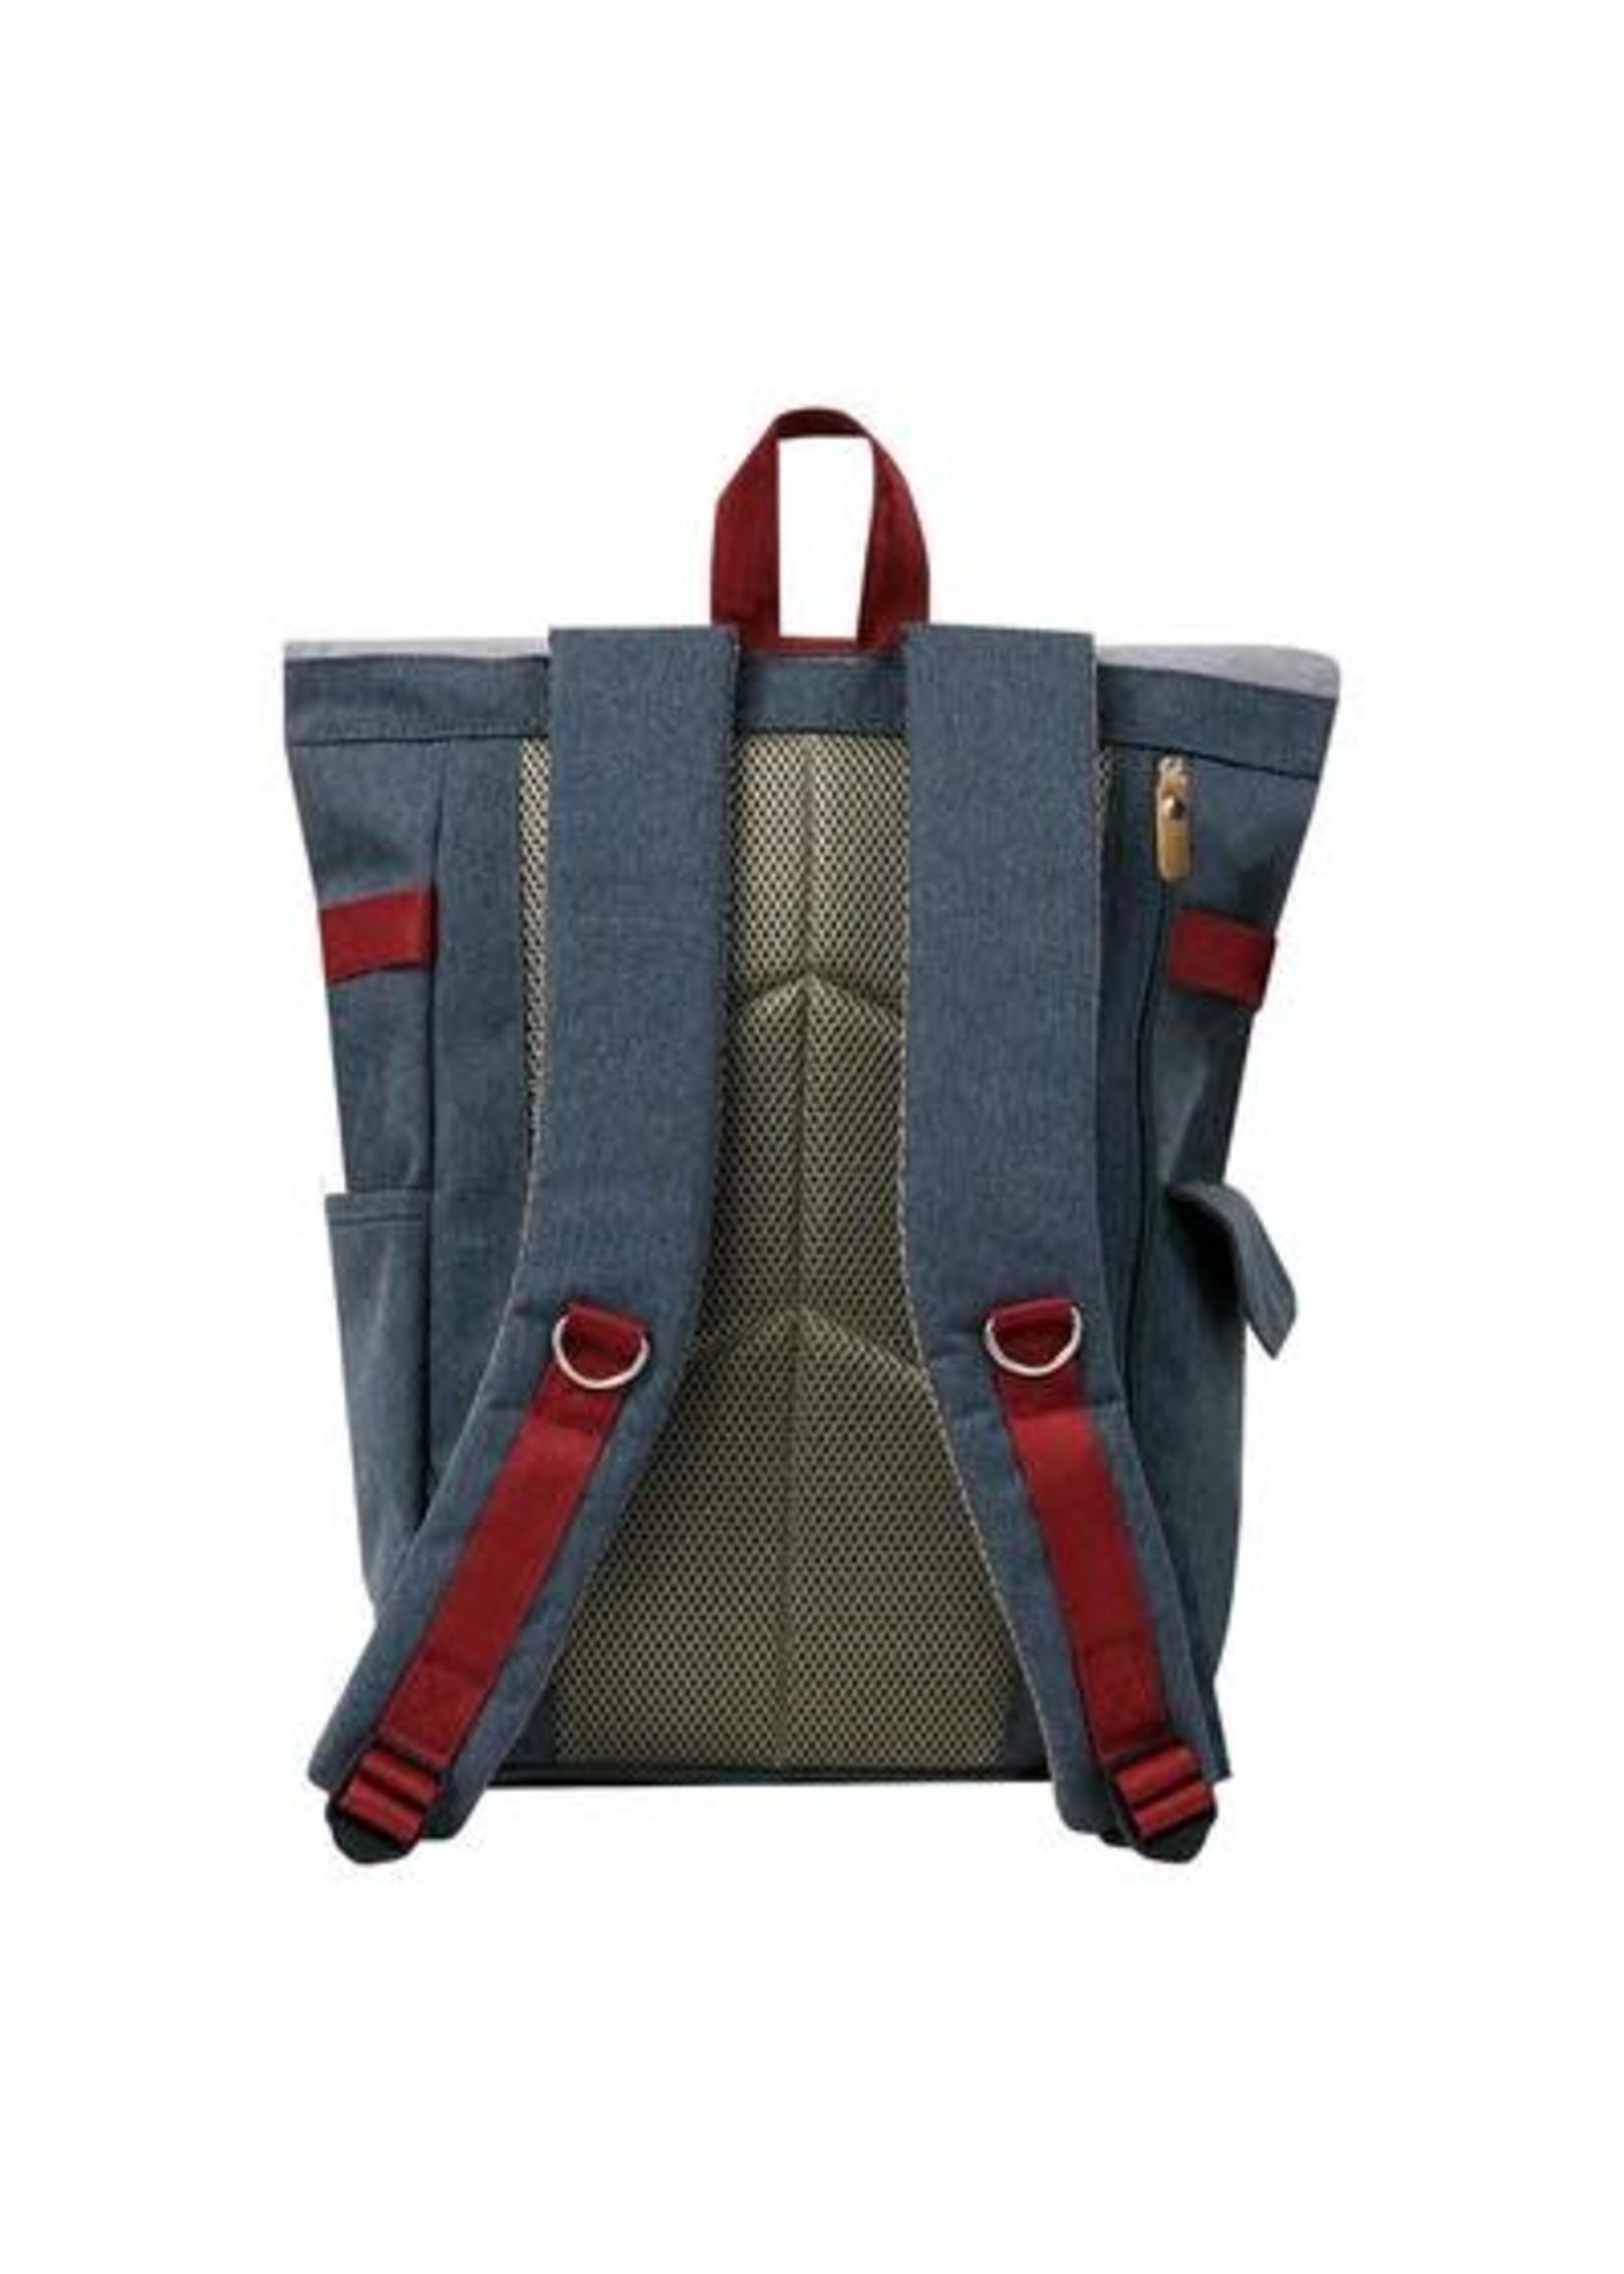 Harvest Label Rolltop Backpack Plus - Gray